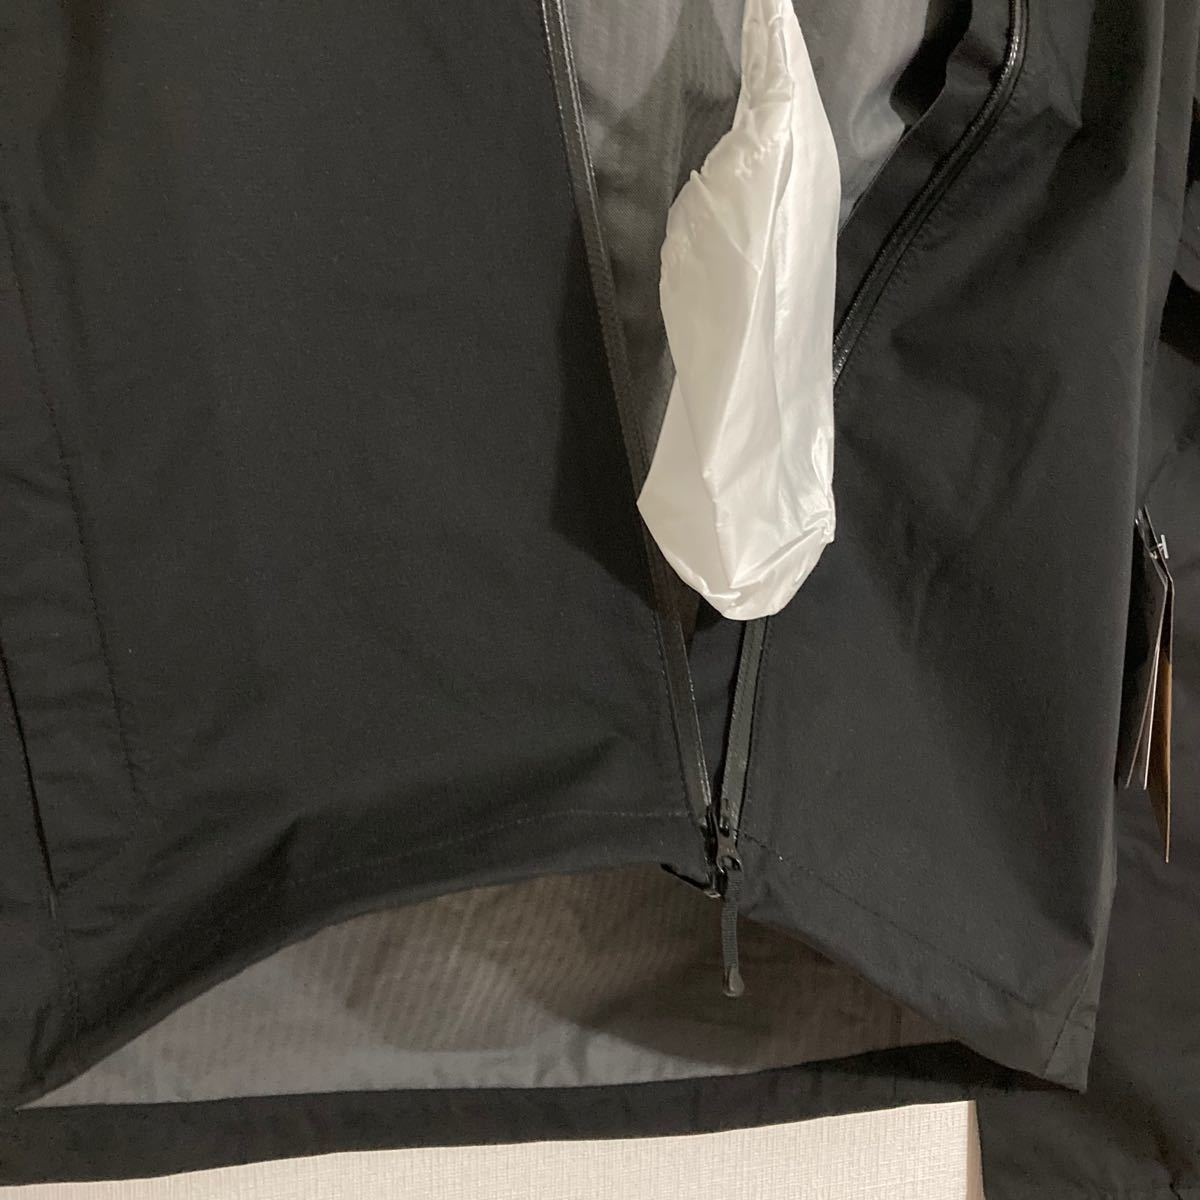 THE NORTH FACE ノースフェイス ベンチャージャケット ブラック S ナイロンパーカー 黒 NPW11536 防水